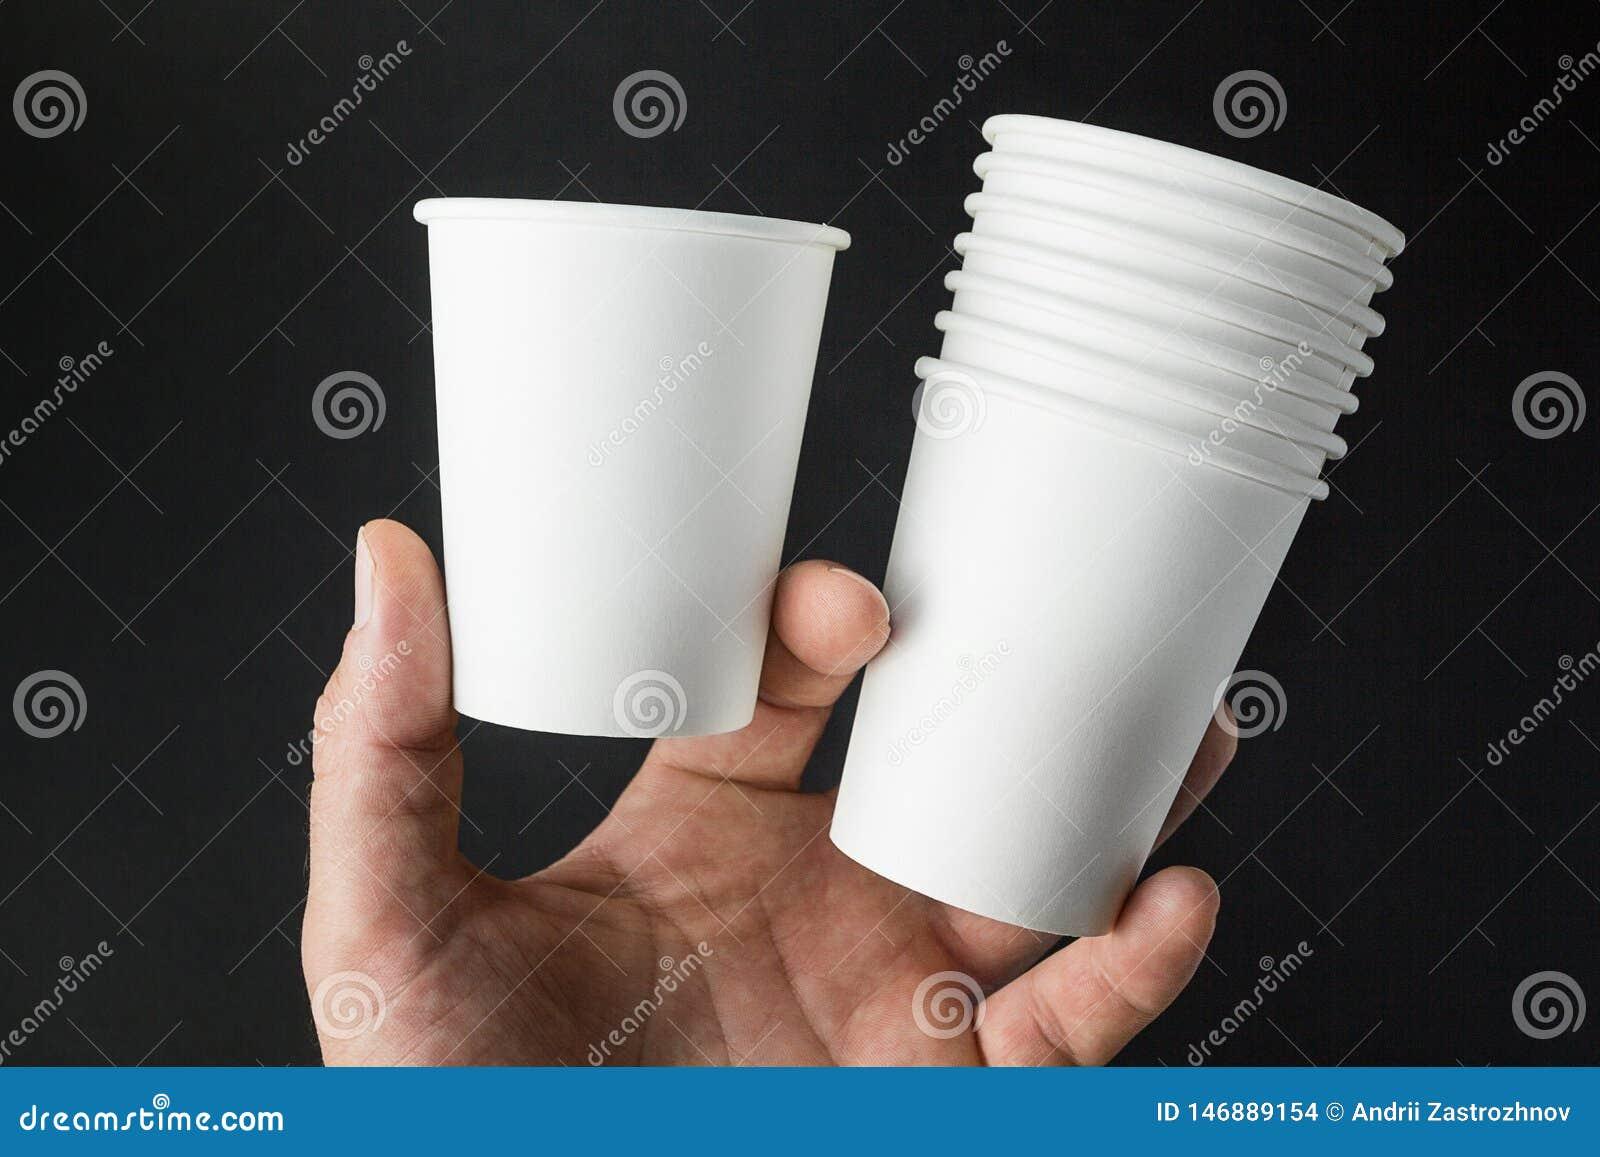 Die Hand eines Mannes hält Modelle von Schalen für Kaffee, Tee, Soda und Saft auf einem schwarzen Hintergrund